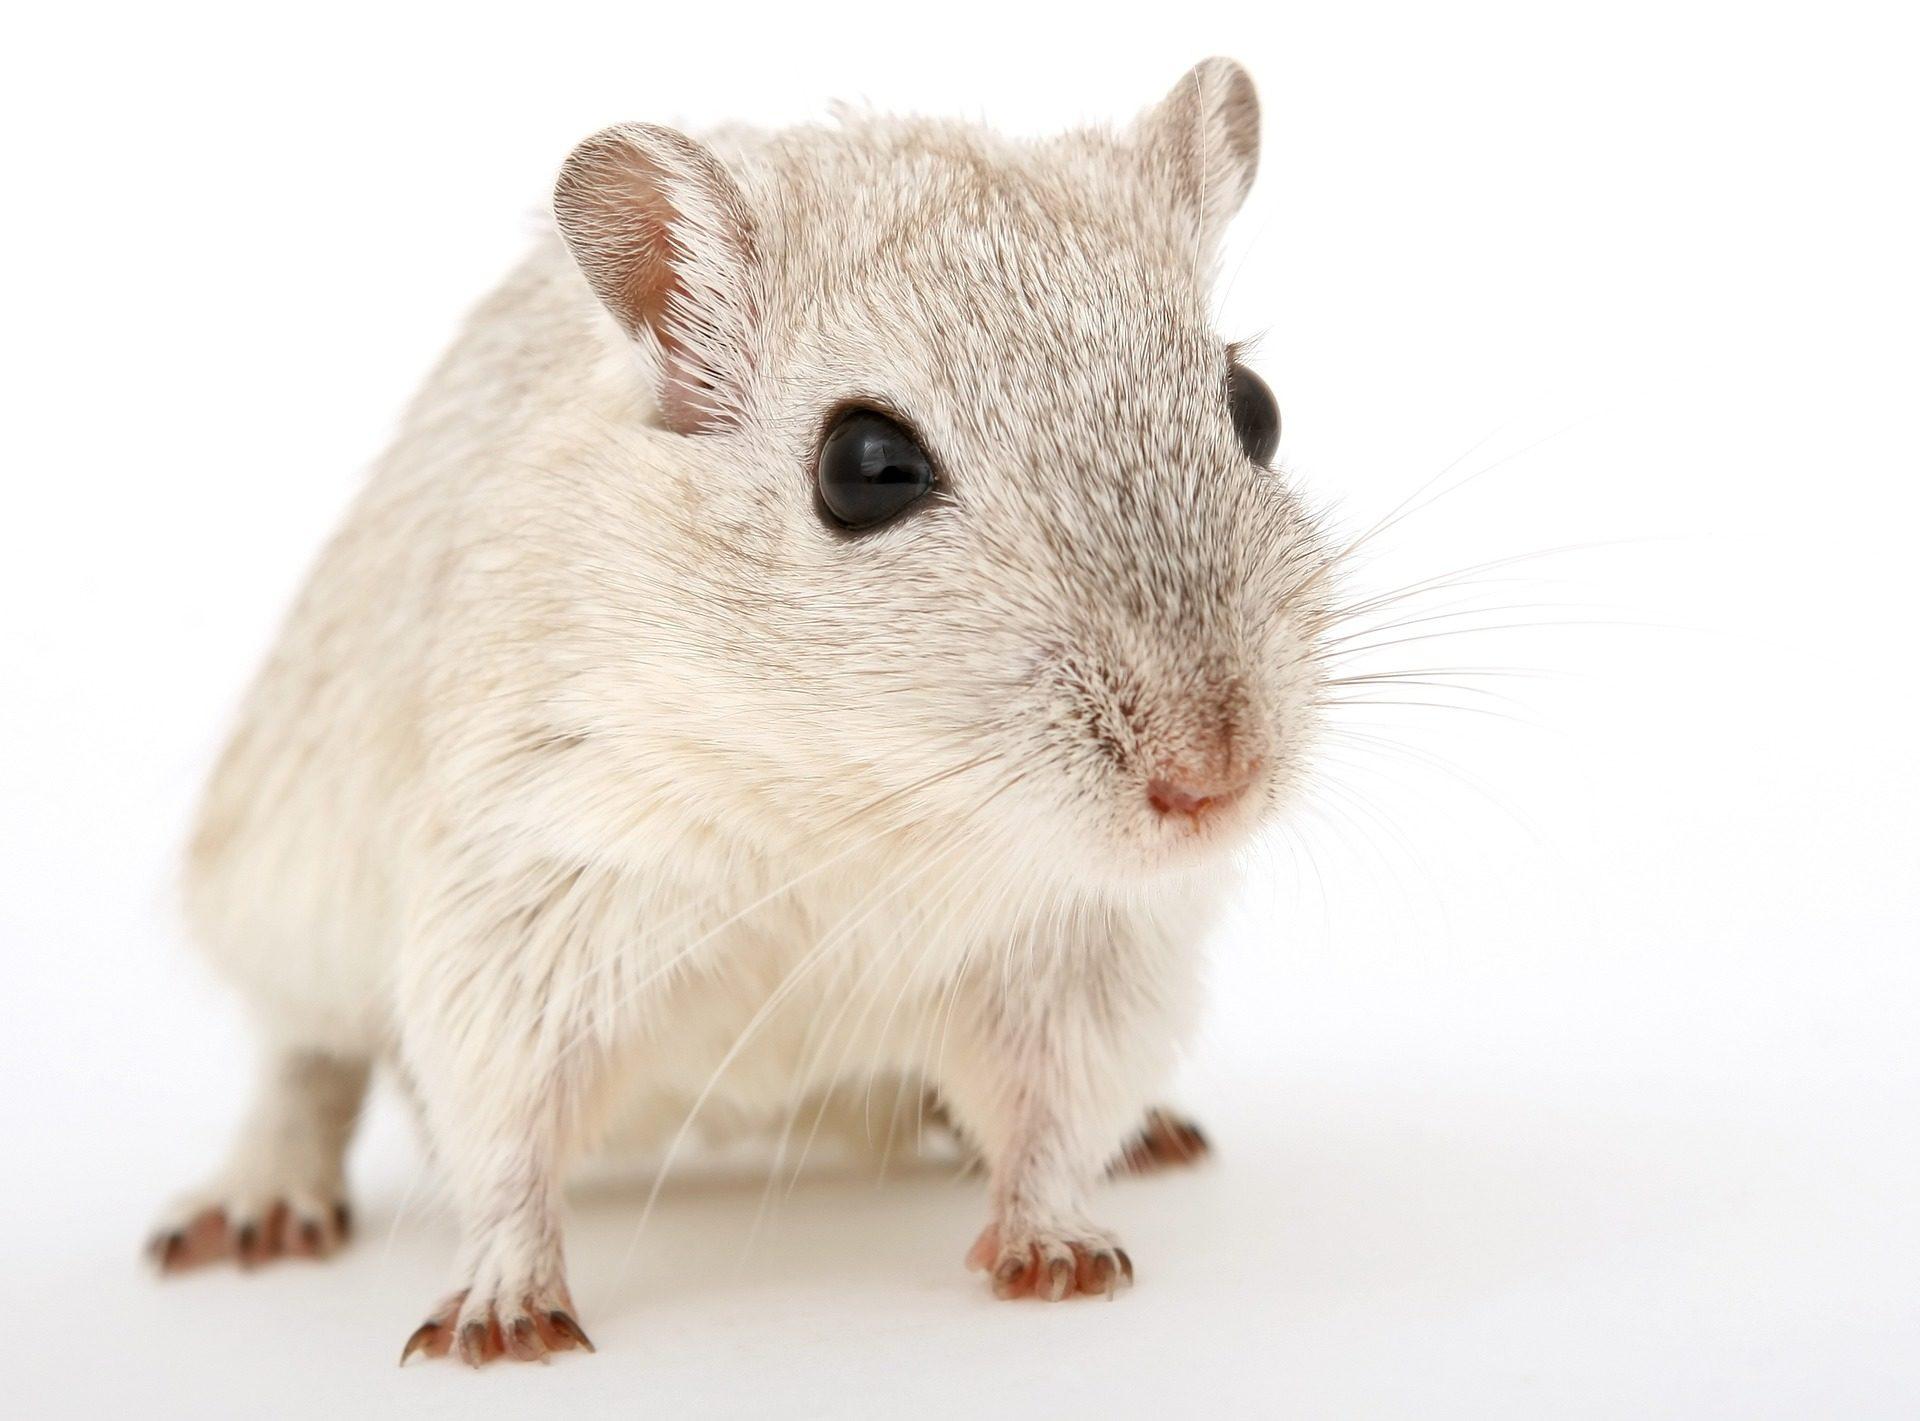 鼠标, 仓鼠, 大 鼠, 晶须, 宠物, 双腿, 指甲, 啮齿类动物 - 高清壁纸 - 教授-falken.com